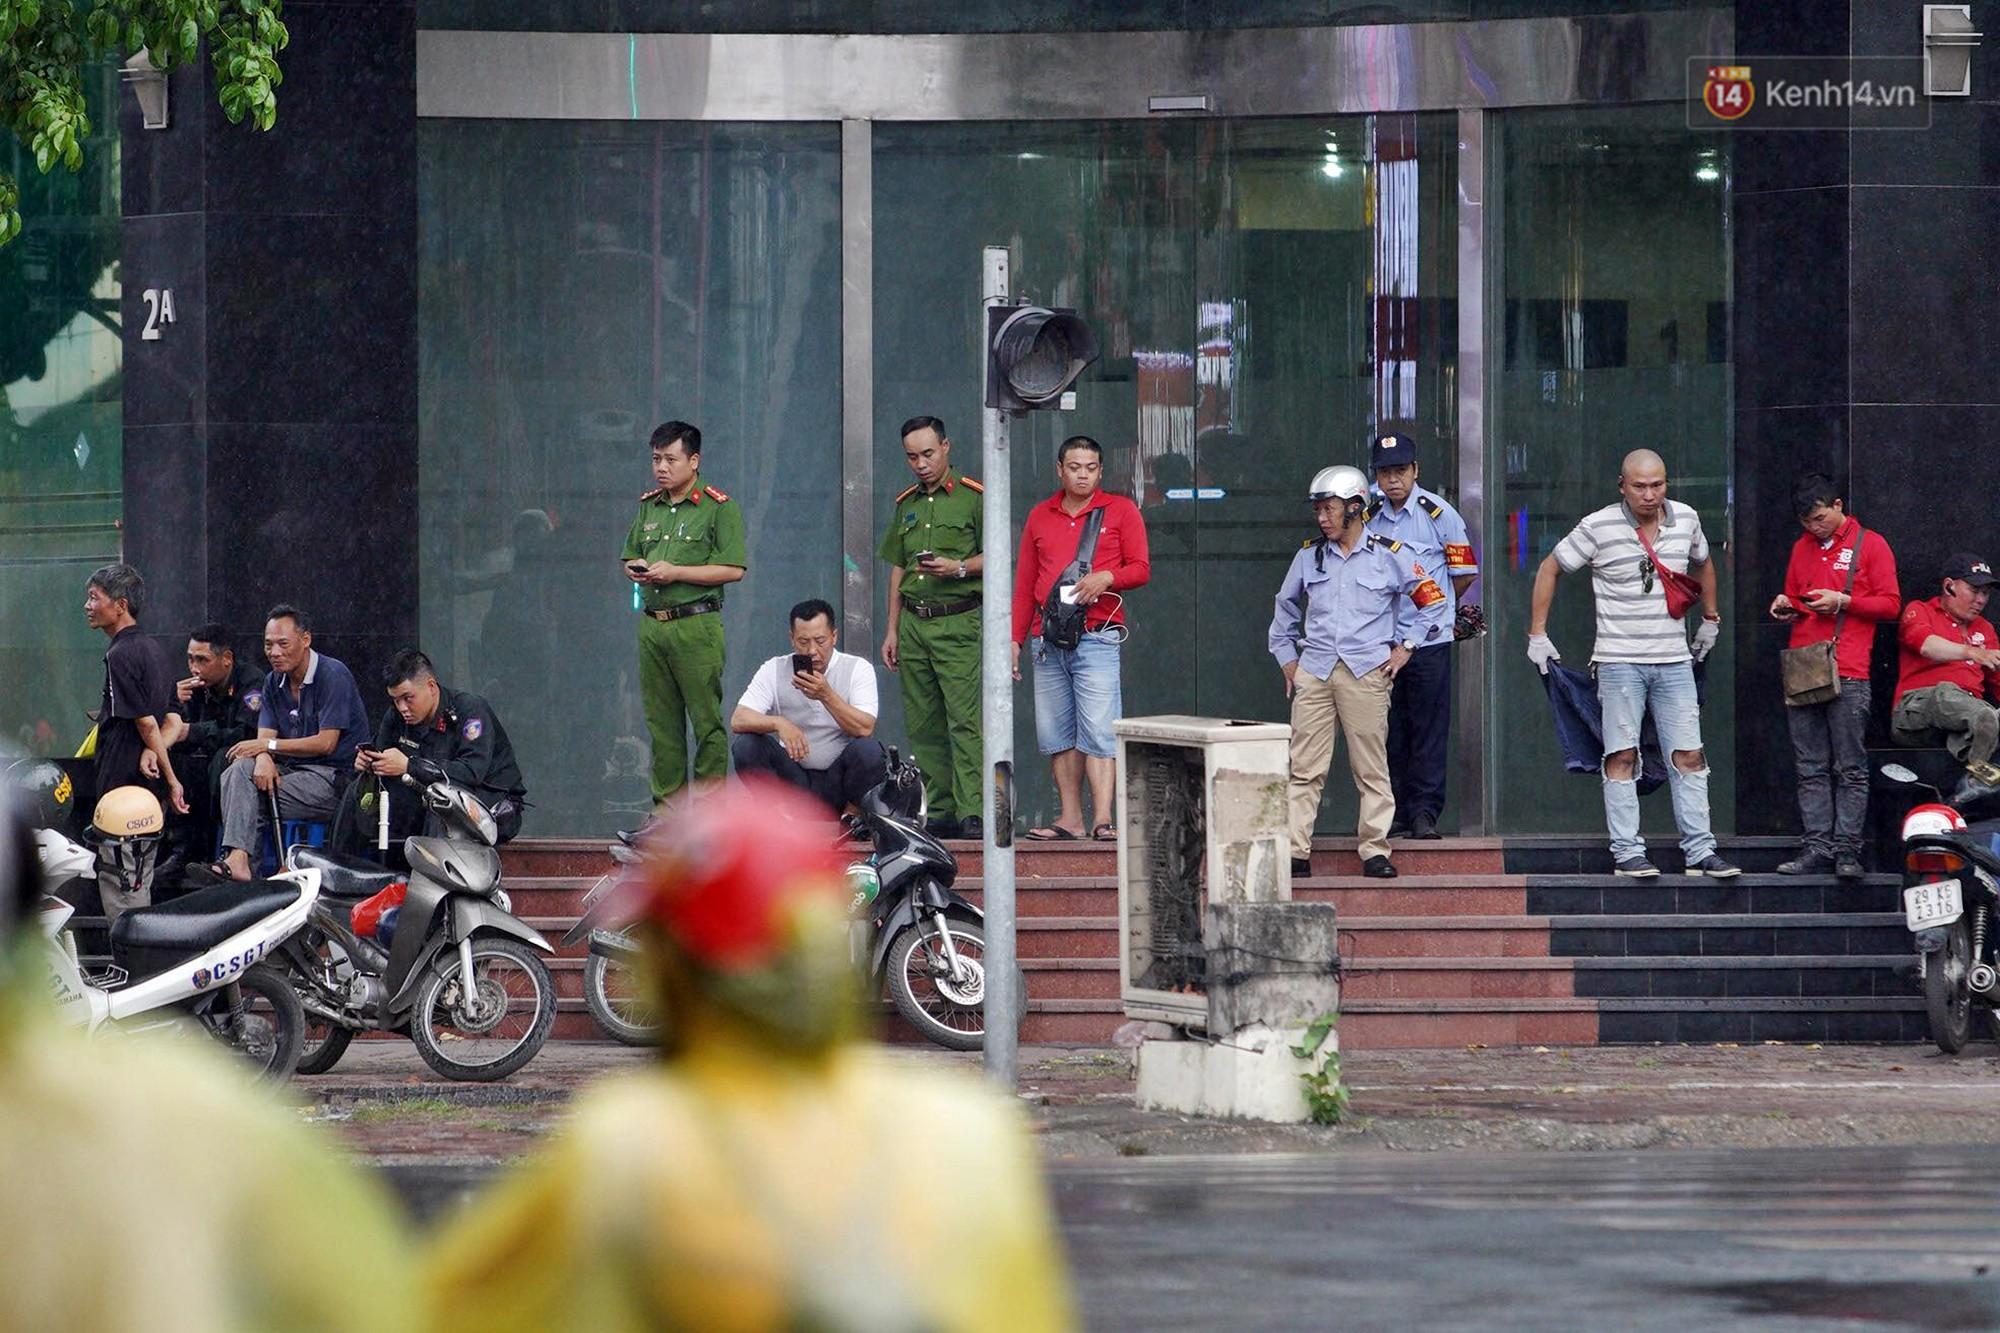 Hà Nội bắt đầu đổ mưa do ảnh hưởng của bão số 2, người dân chật vật lưu thông giờ tan tầm - Ảnh 10.